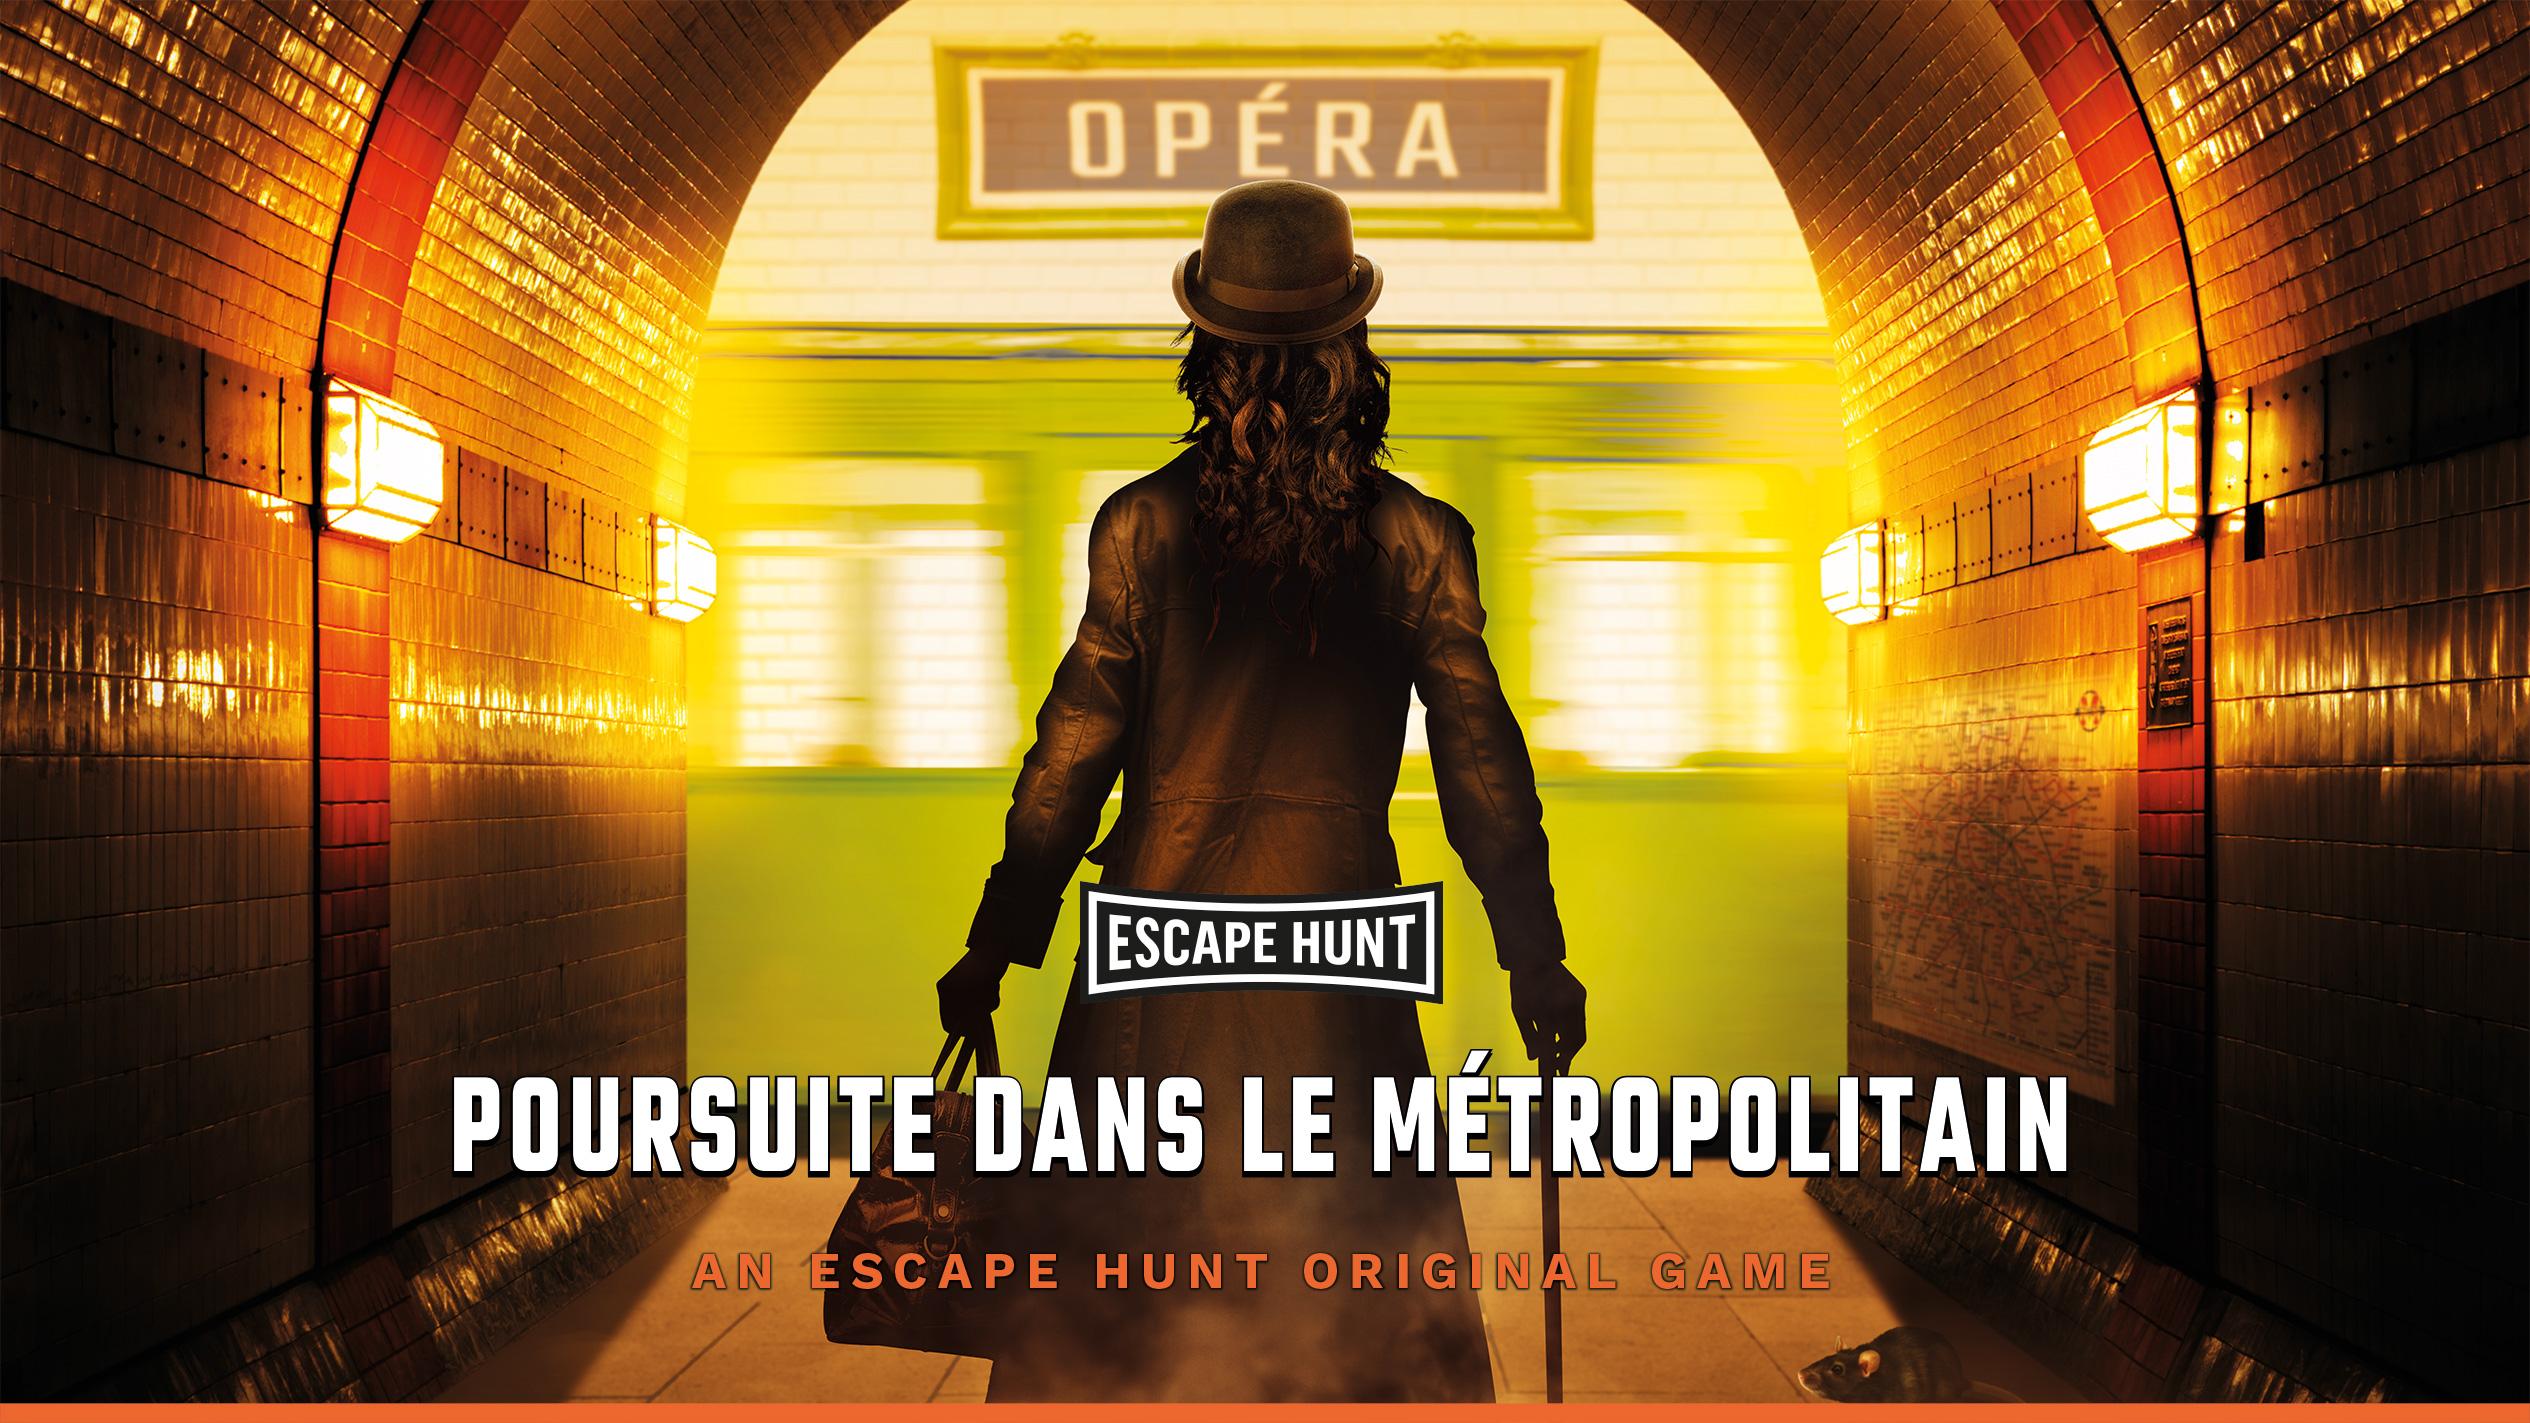 Poursuite dans le métro - Escape Hunt